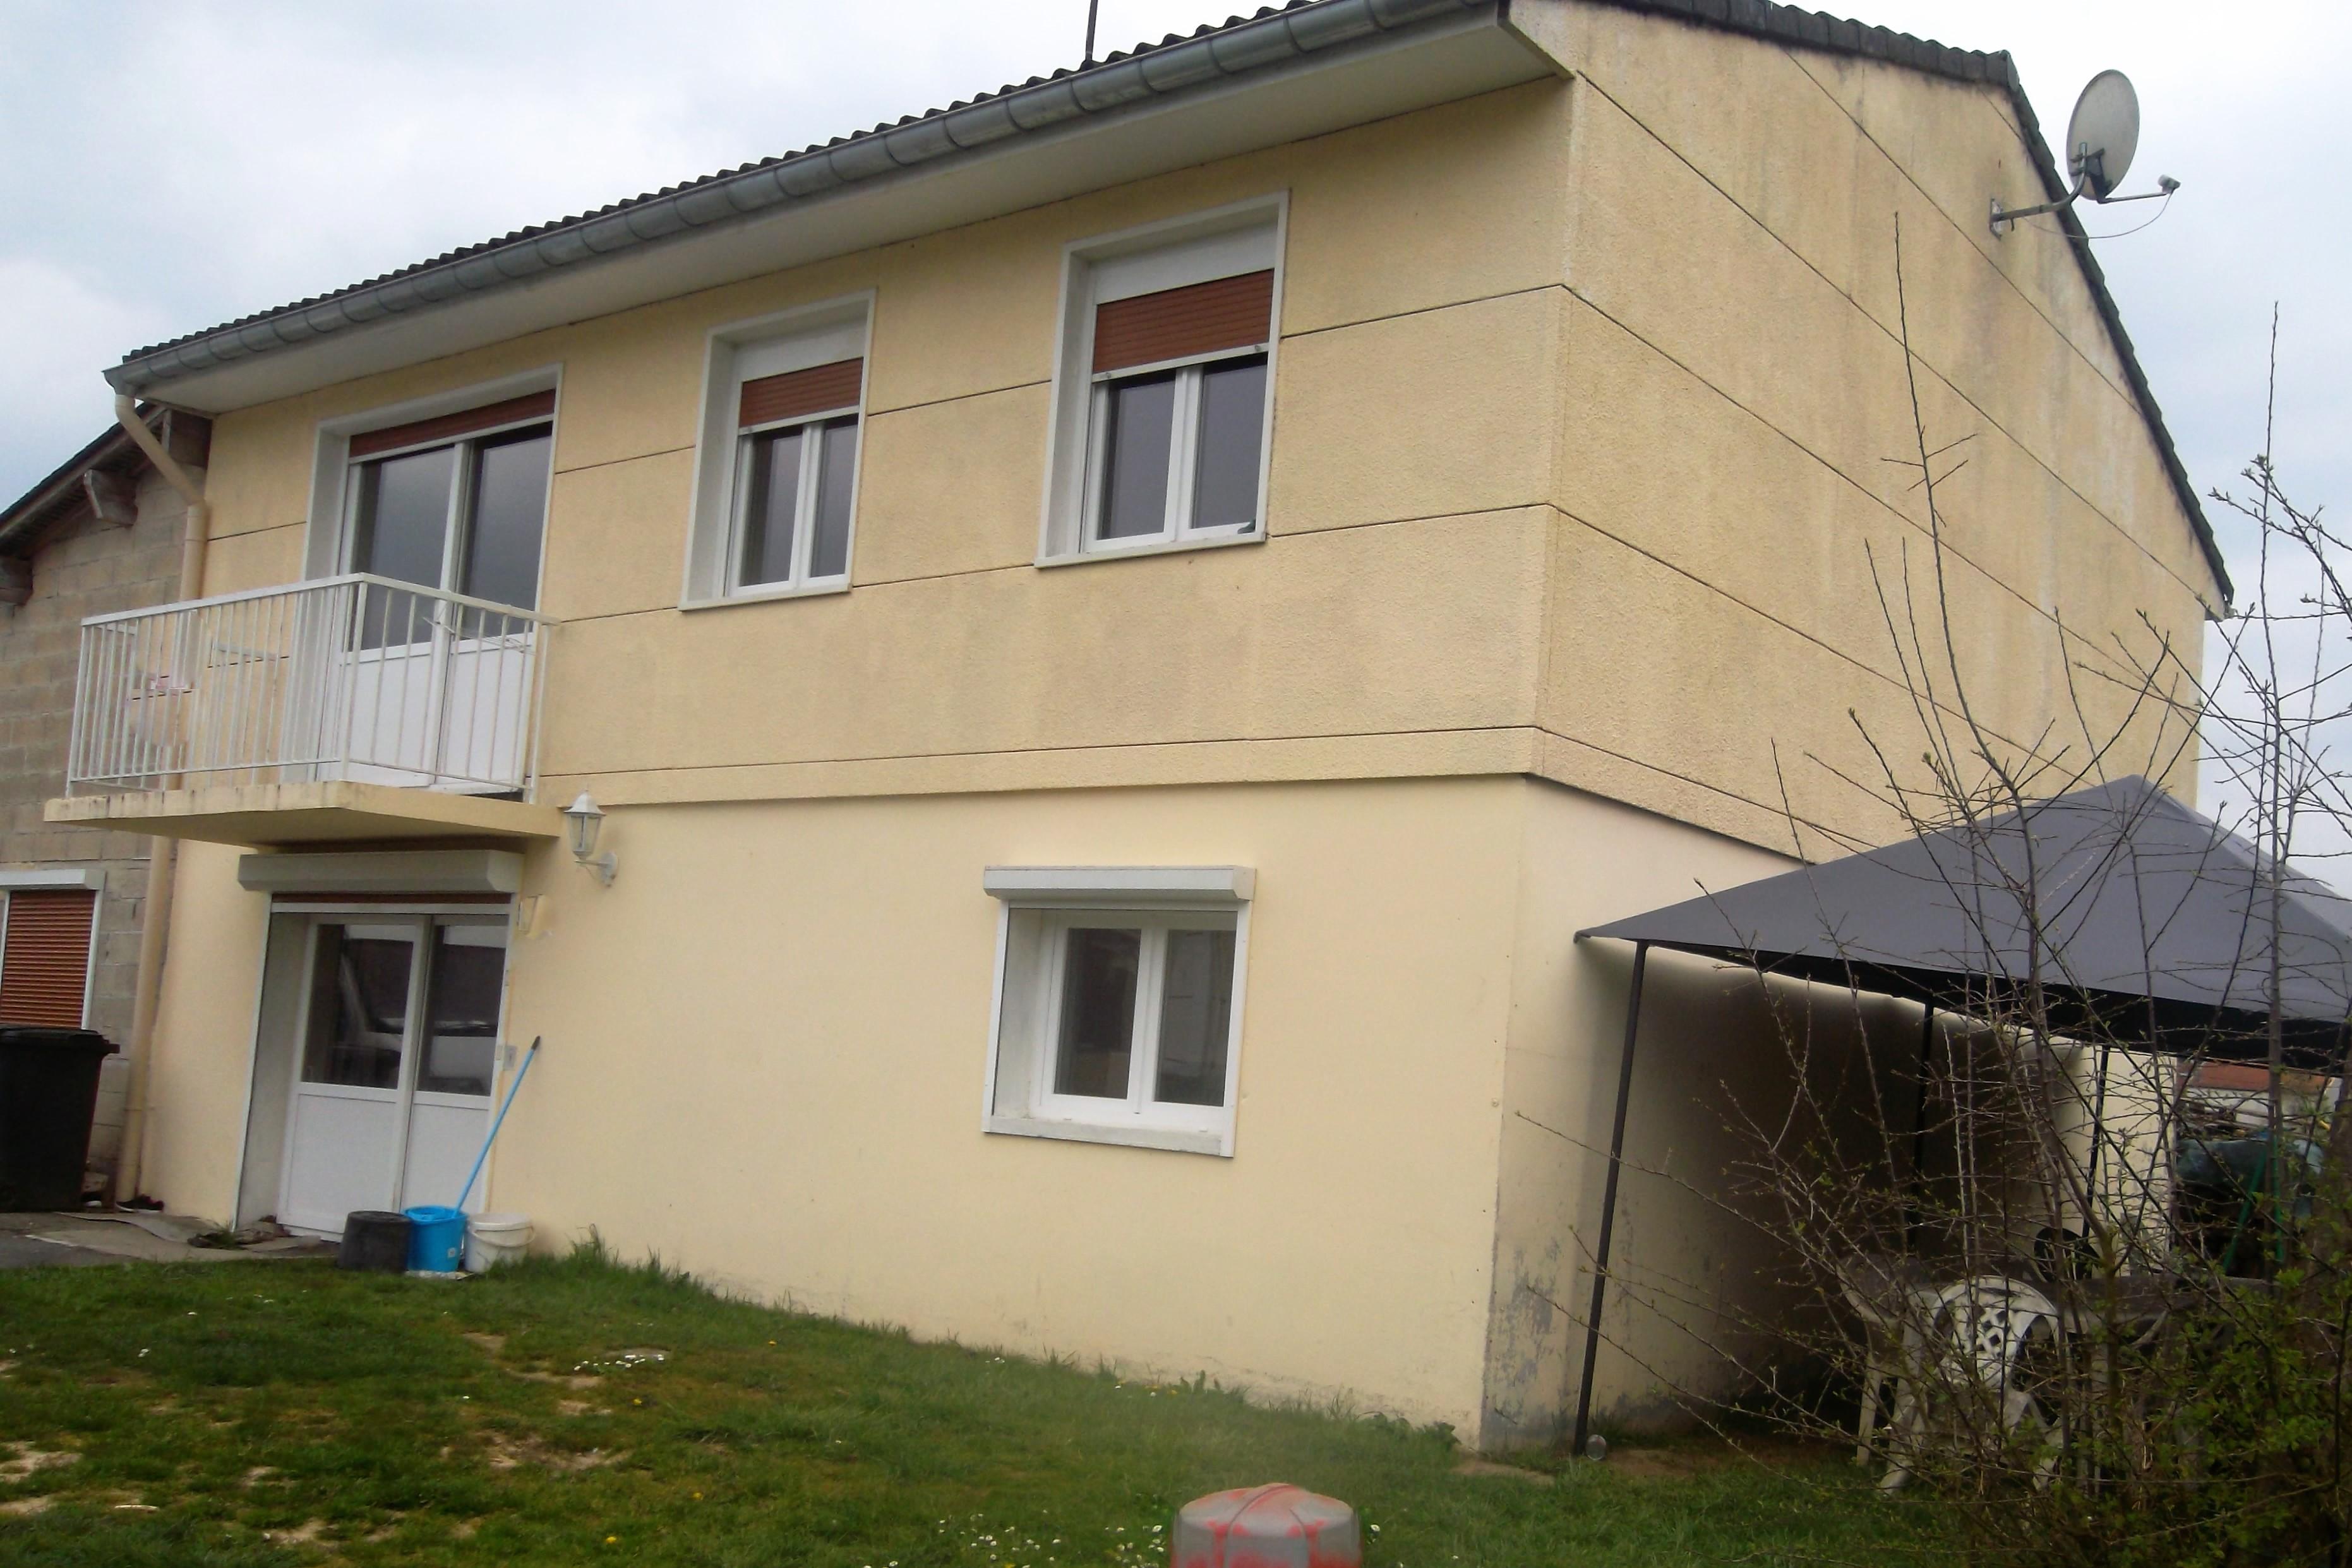 10 mn charleville mezieres maison individuelle de type 6 toutabitat - Consommation gaz maison individuelle ...